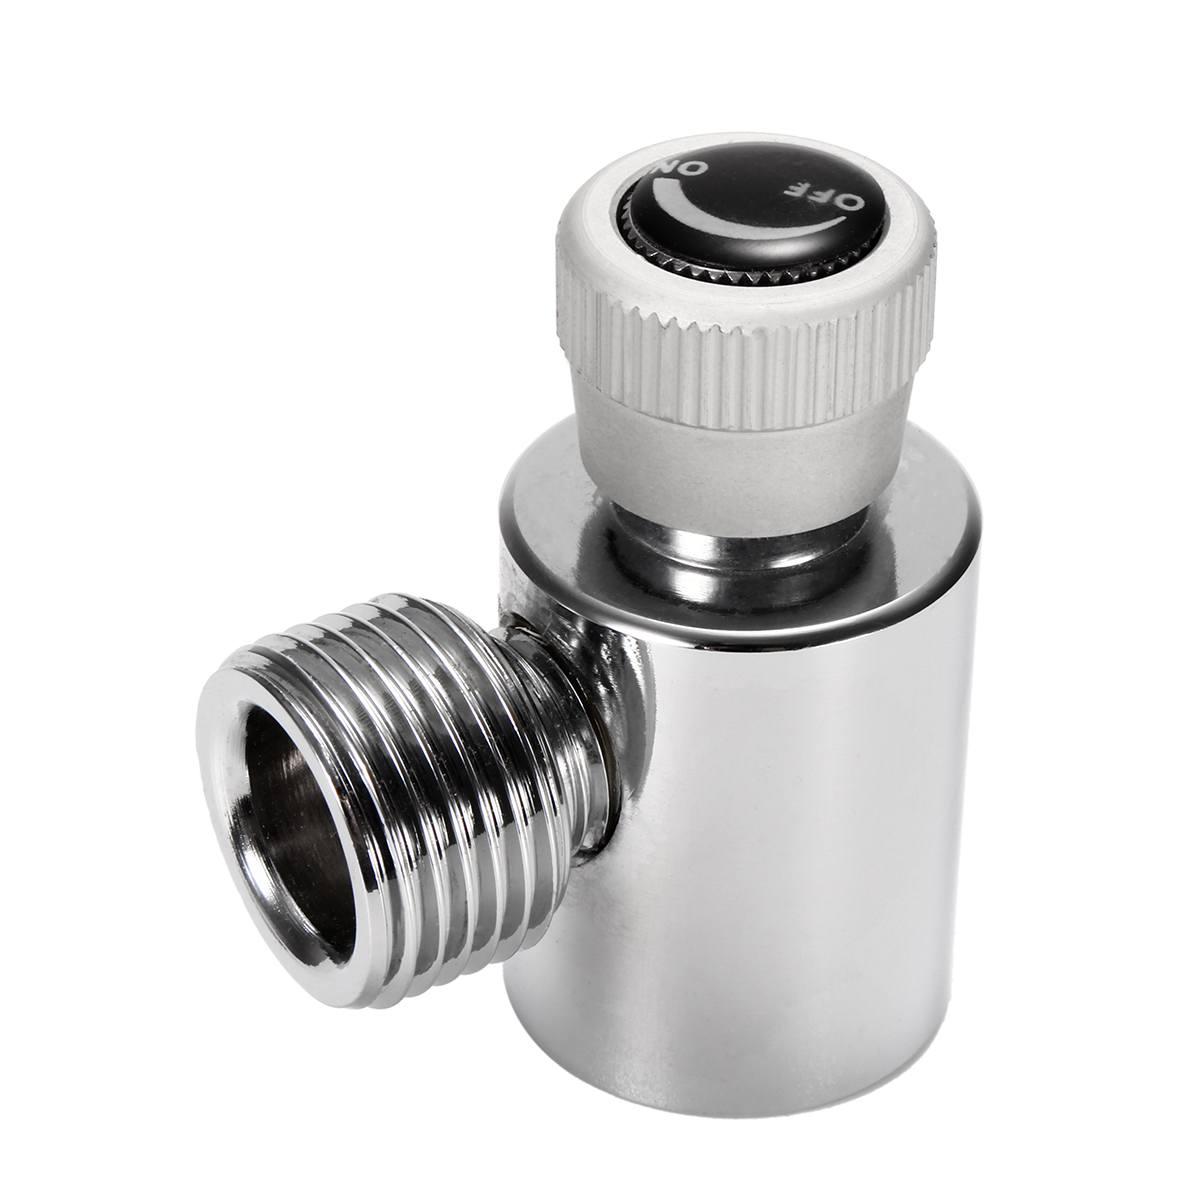 Dual Gauge CO2 Gas Regulator for Homebrew Soda Draft Beer Kegerator Kegging  Set with 5/16'' Barbed Shuttoff Valve w21 8